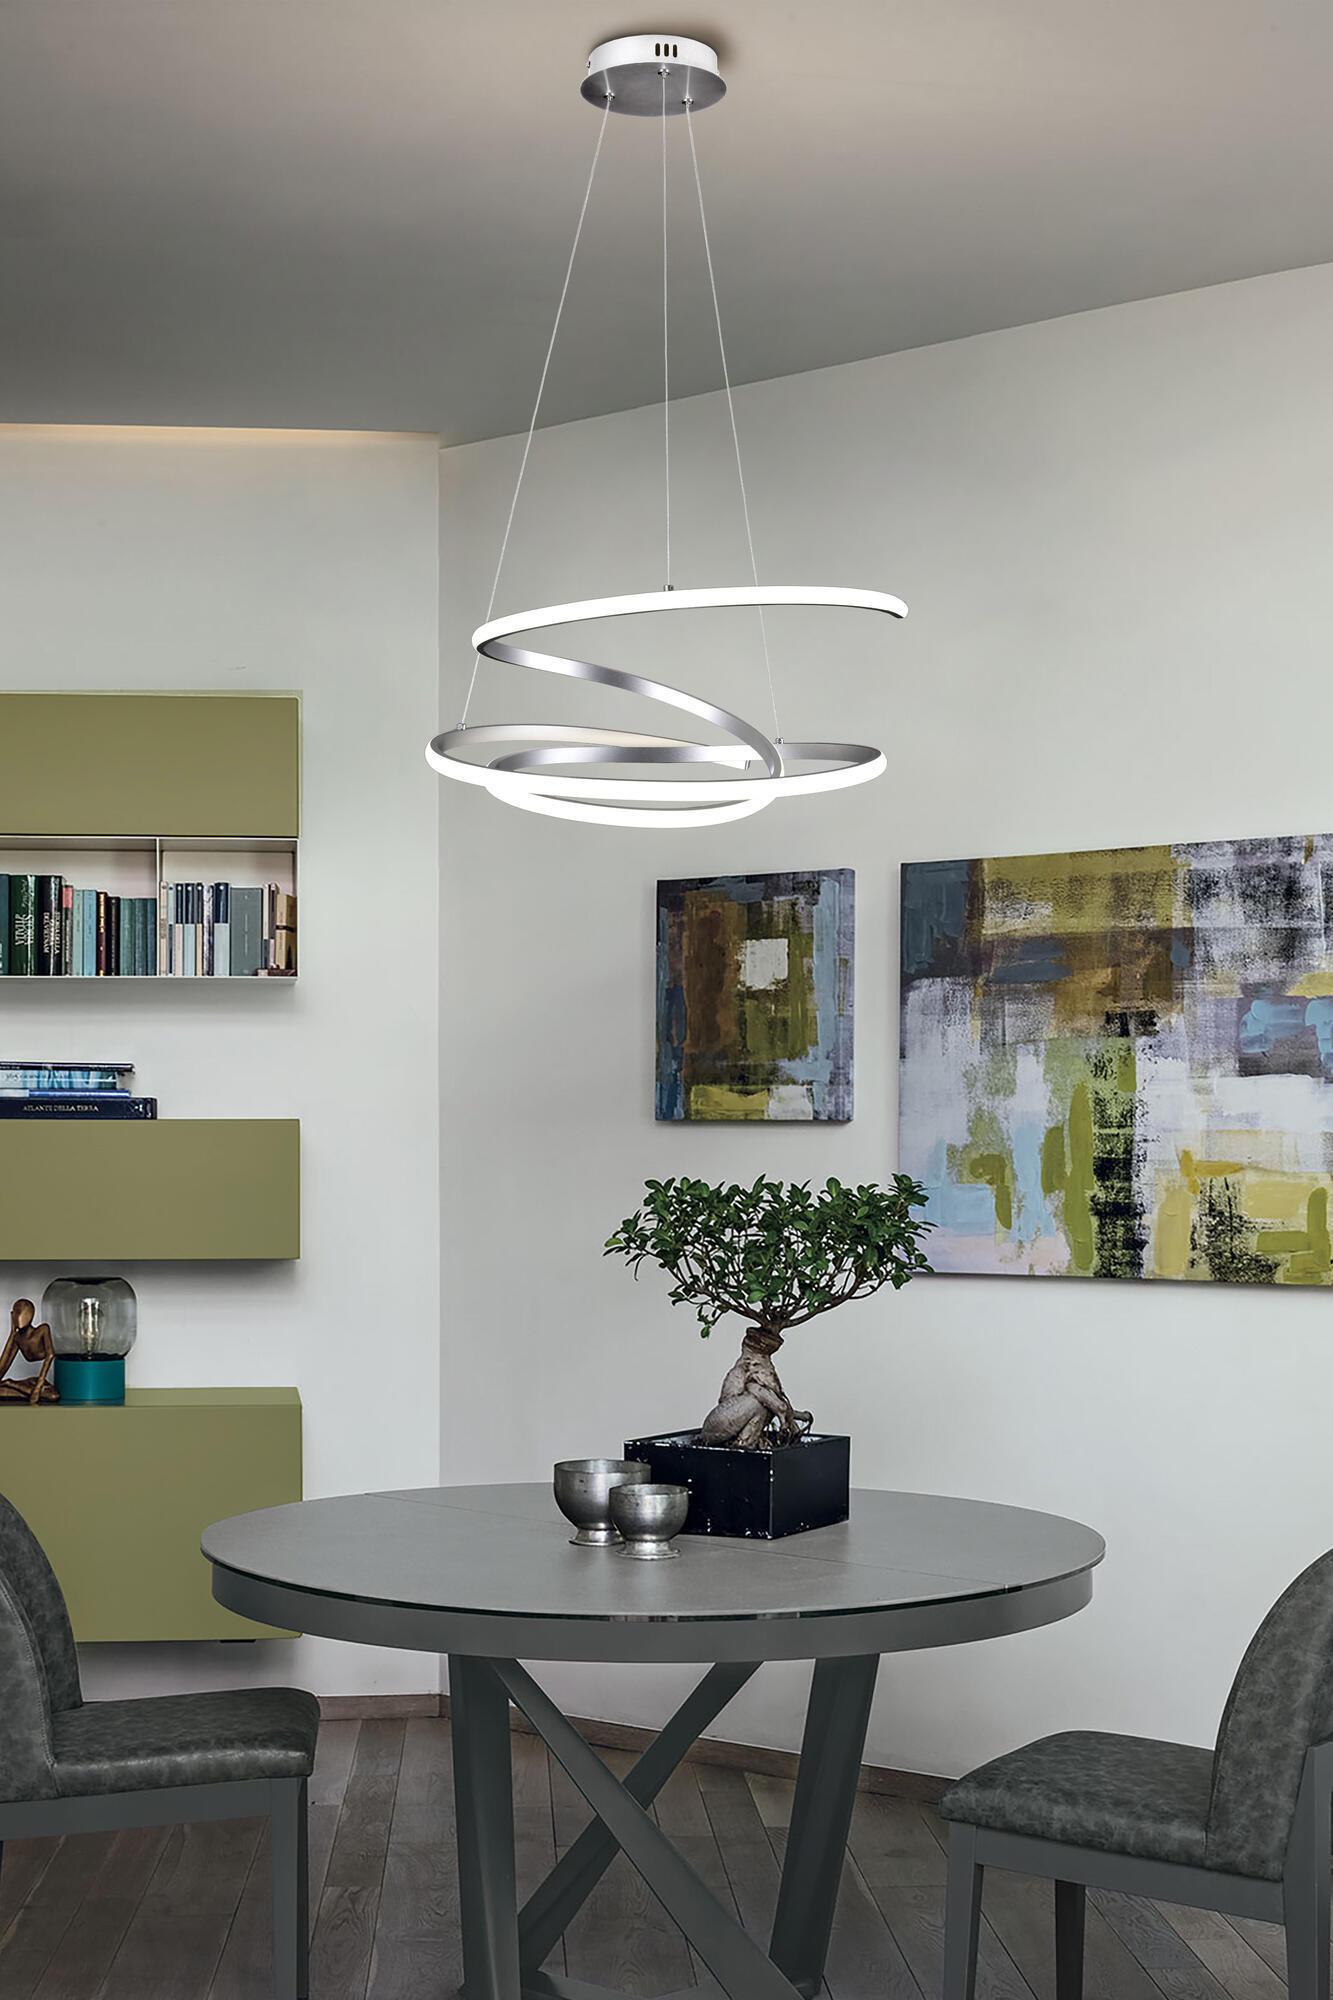 Lampadario Moderno KILEY LED integrato silver, in alluminio, L. 54 cm - 3